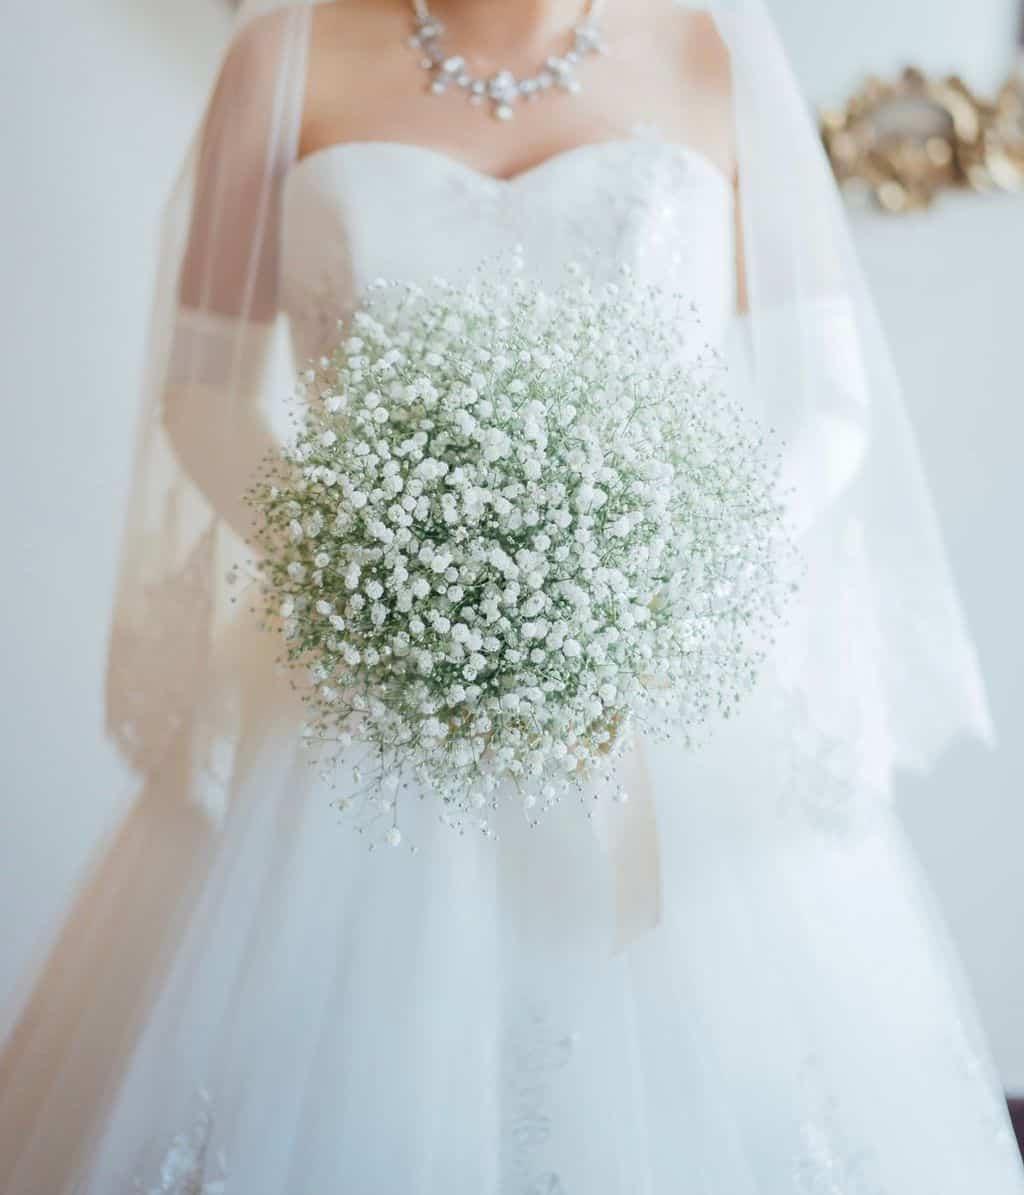 結婚式でも大活躍!かすみ草の花言葉や魅力、アイディア*30選♡のカバー写真 1.1669921875